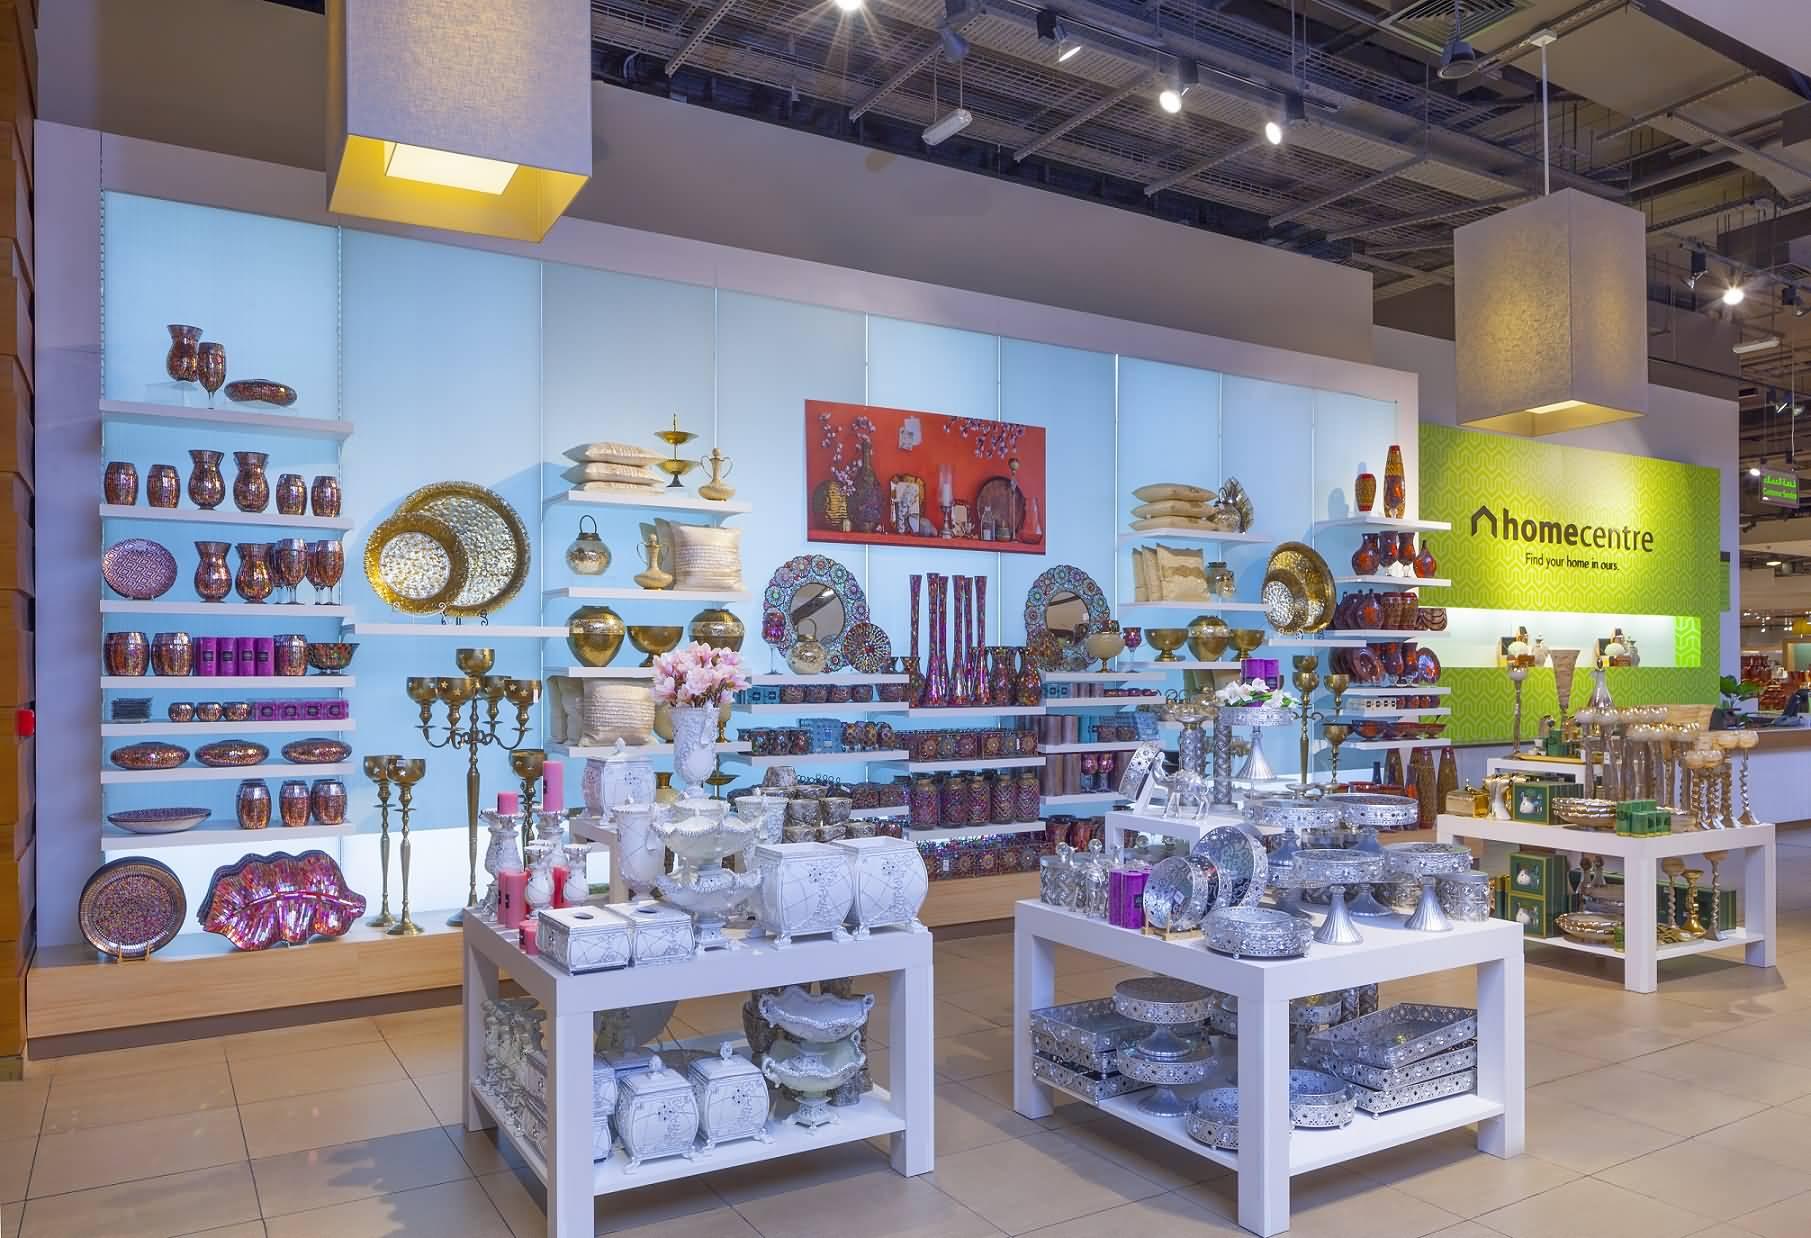 قريبا .. إفتتاح فرع جديد لمتاجر هوم سنتر في منطقة الكرامة